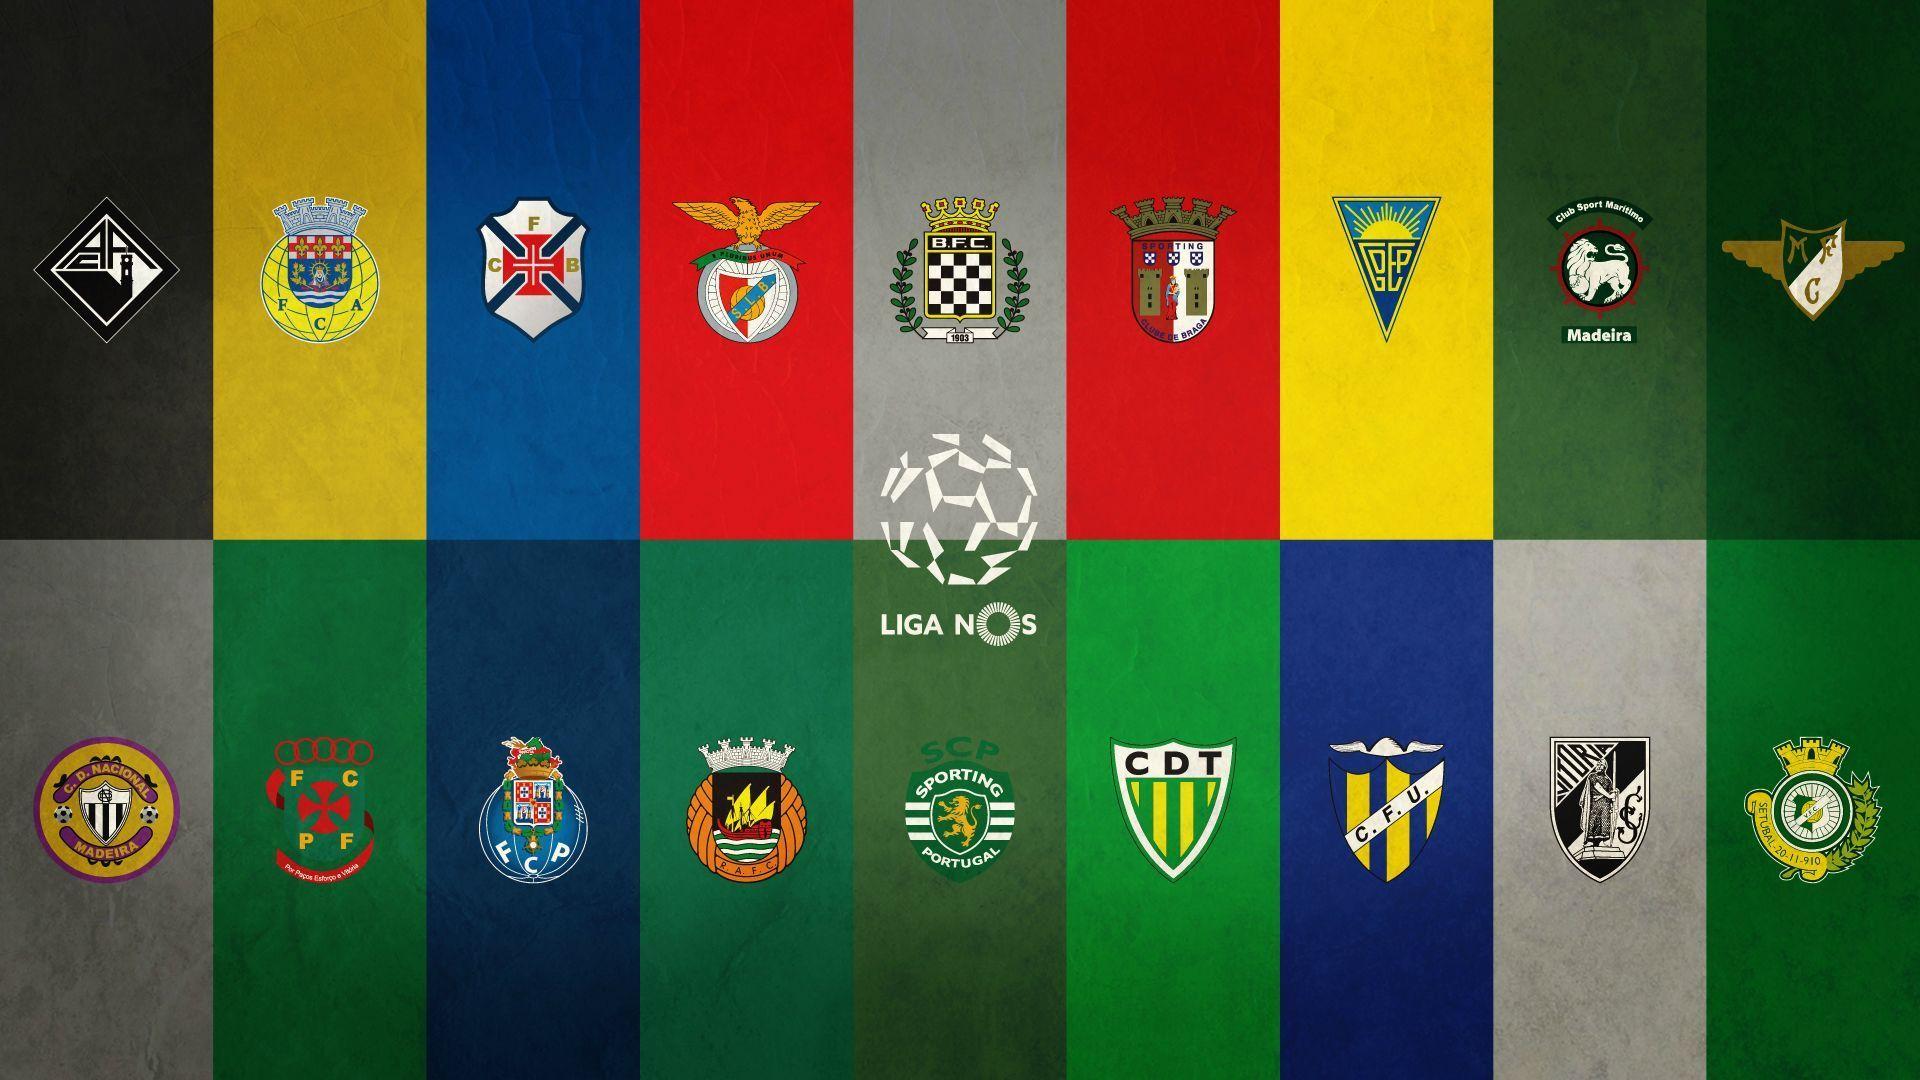 ¿Cuál es tu equipo favorito de Portugal?